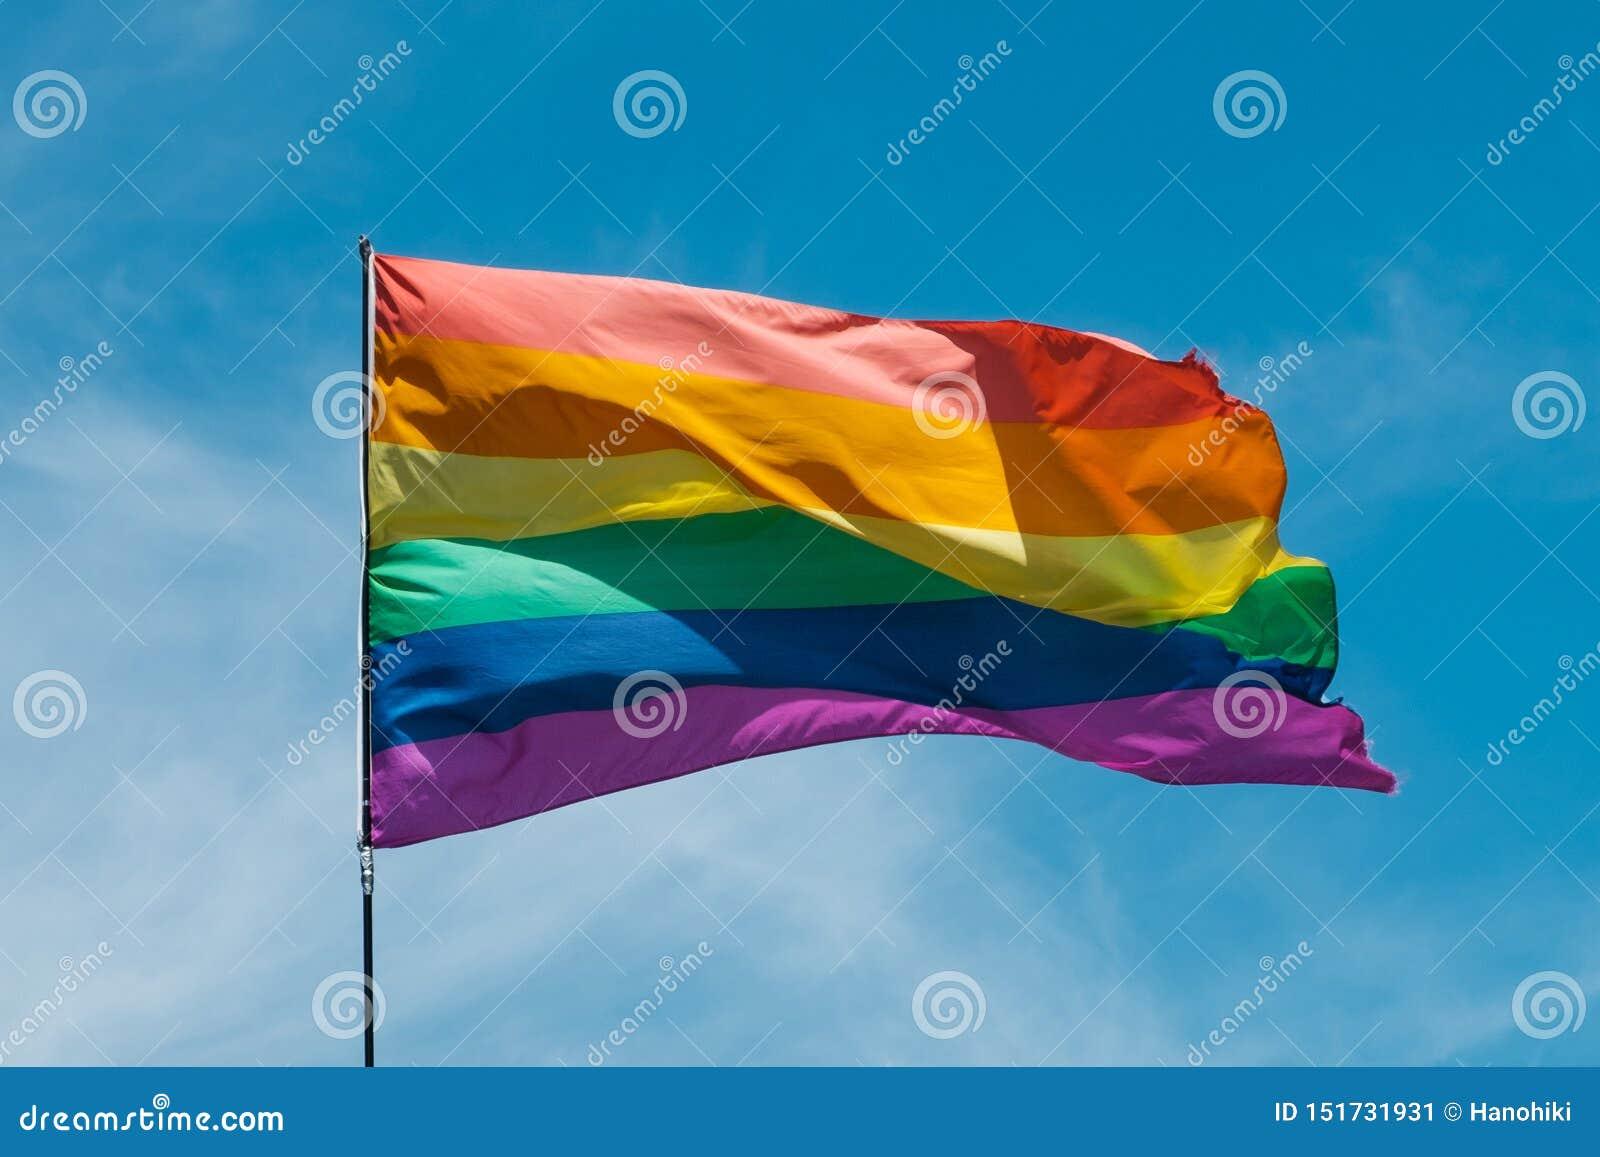 Bandeira alegre do arco-íris que acena com fundo do céu azul - símbolo de Gay Pride